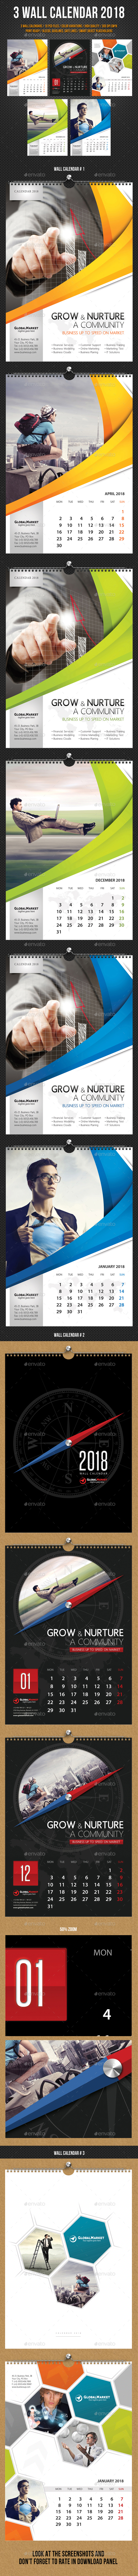 3 in 1 Wall Calendar 2018 Bundle V12